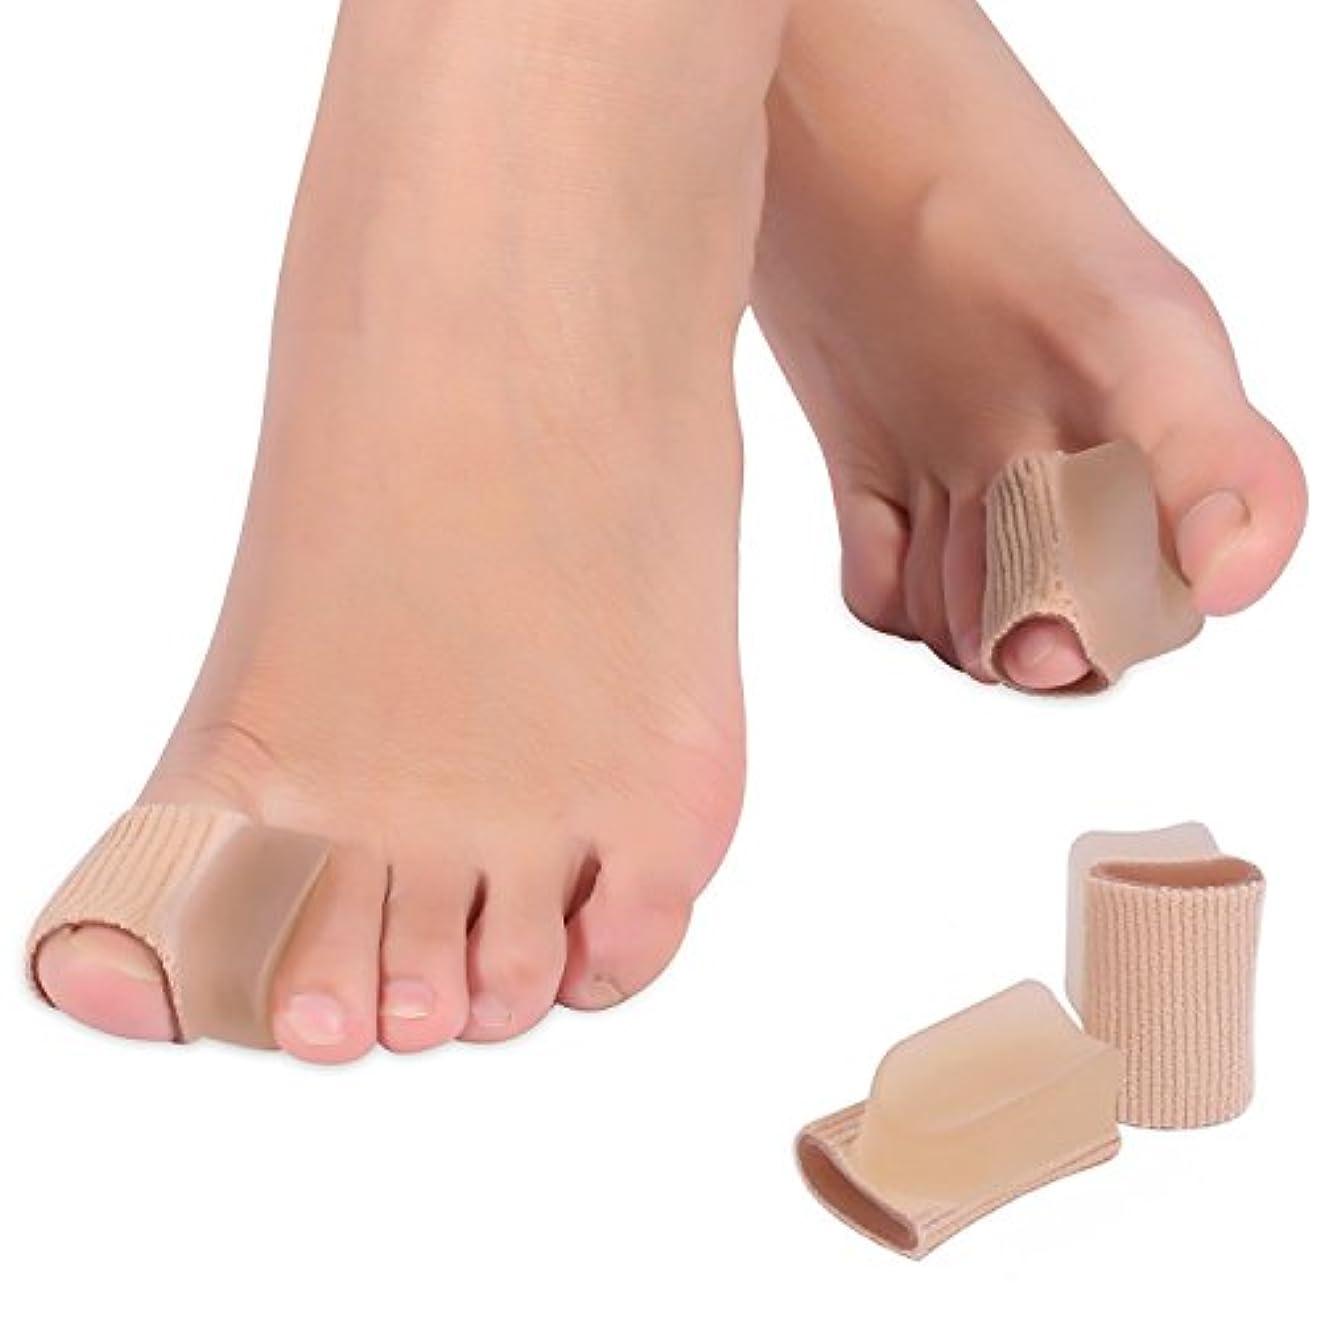 ハイランド爆発気体の親指ジェルパッド 足指分離パッド 足指スペーサー 足指矯正 ソフトなジェル製 伸縮 柔軟 足指保護 親指ケア 肌色「4個セット」